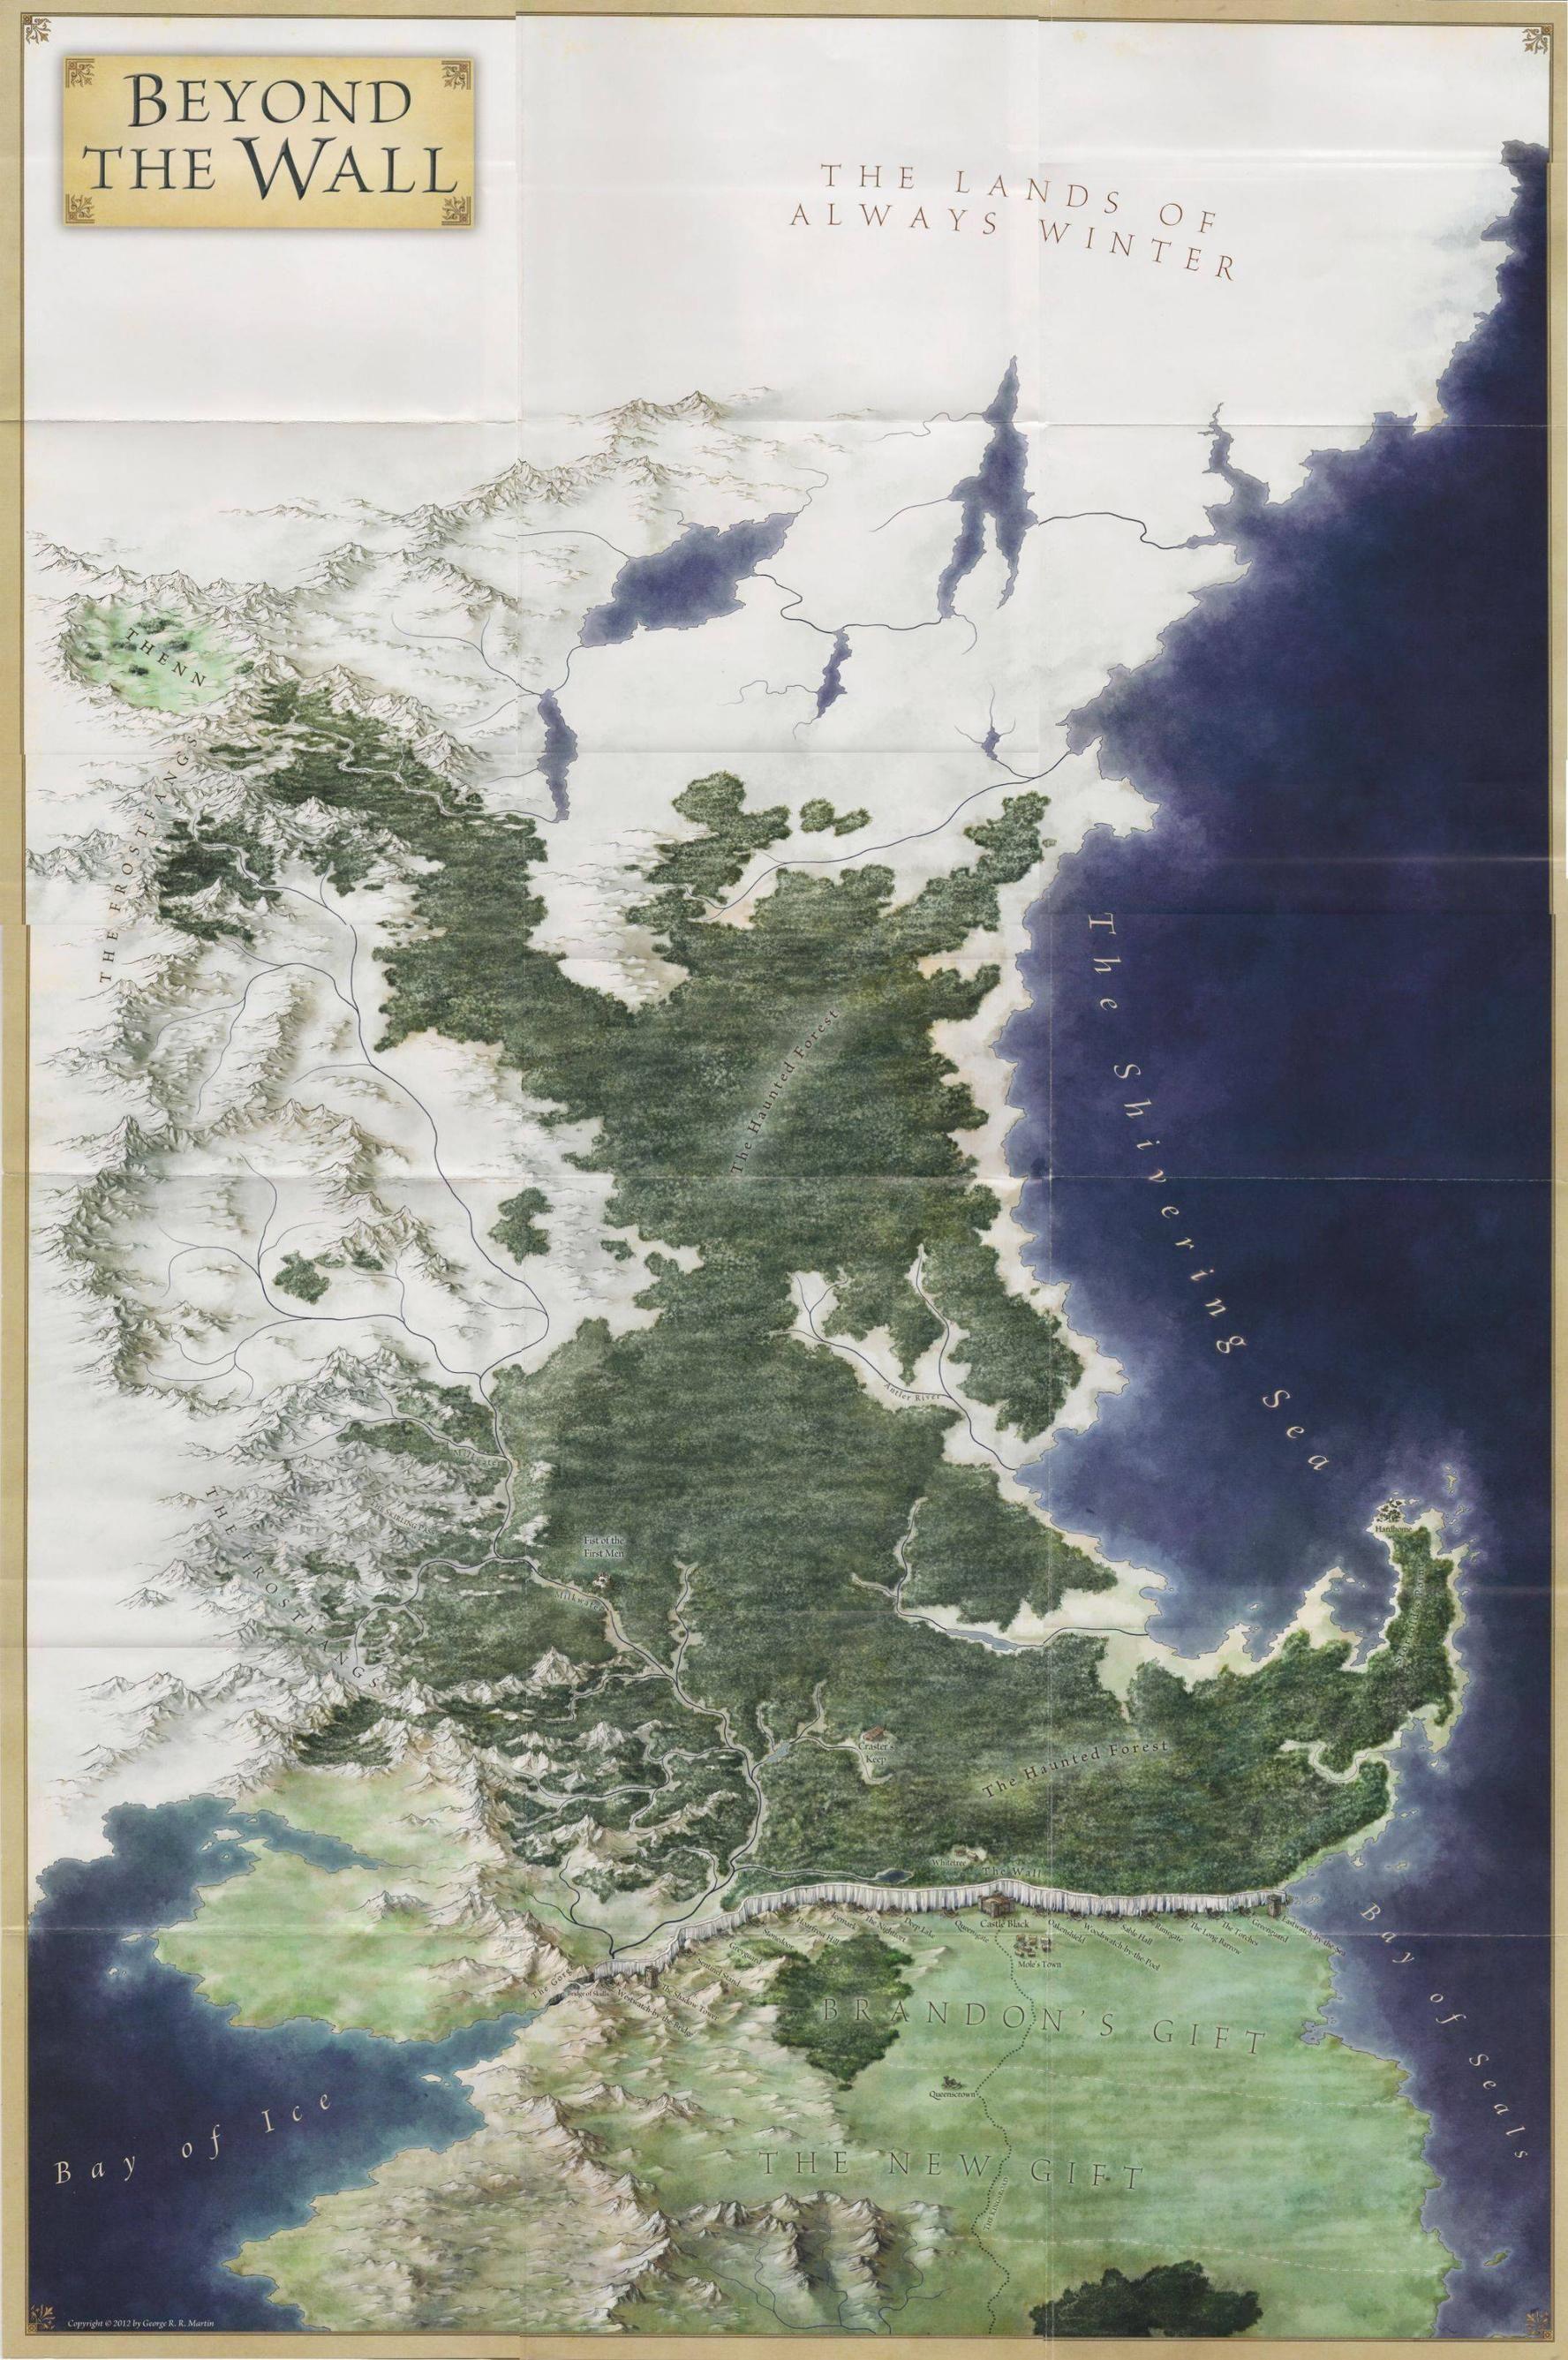 Asoiaf Map : asoiaf, ASOIAF, Thrones, Fantasy